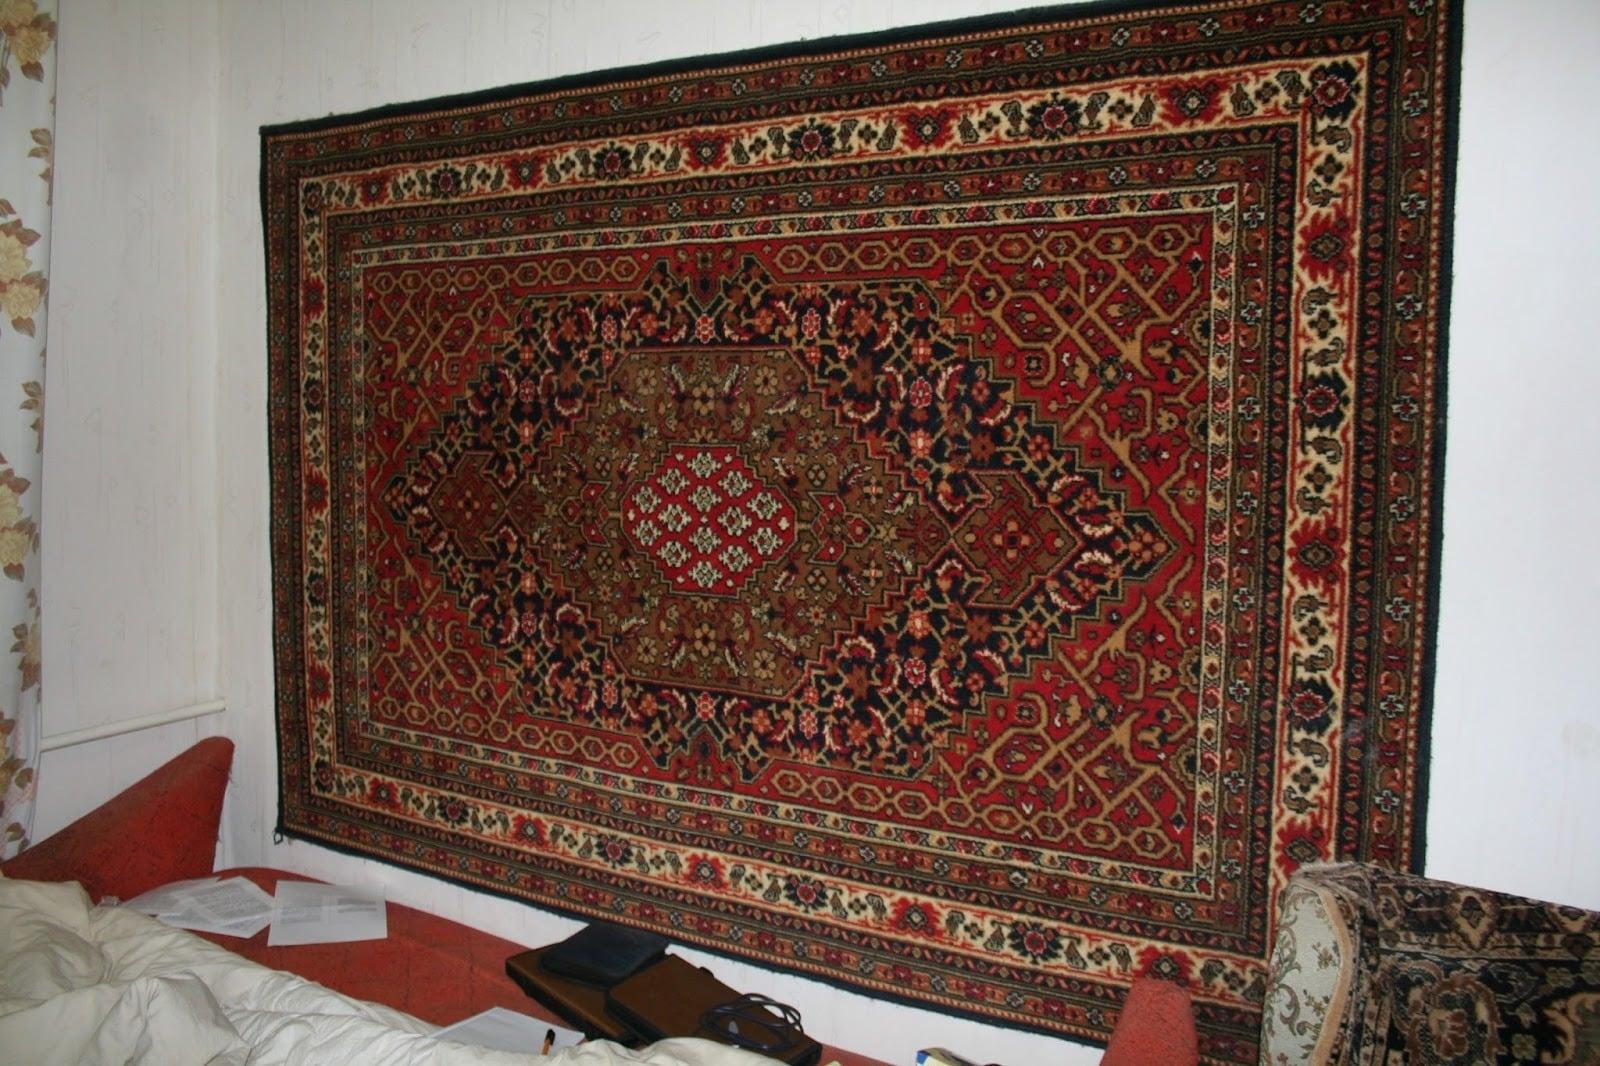 Зачем в Советском Союзе вешали ковры на стену?